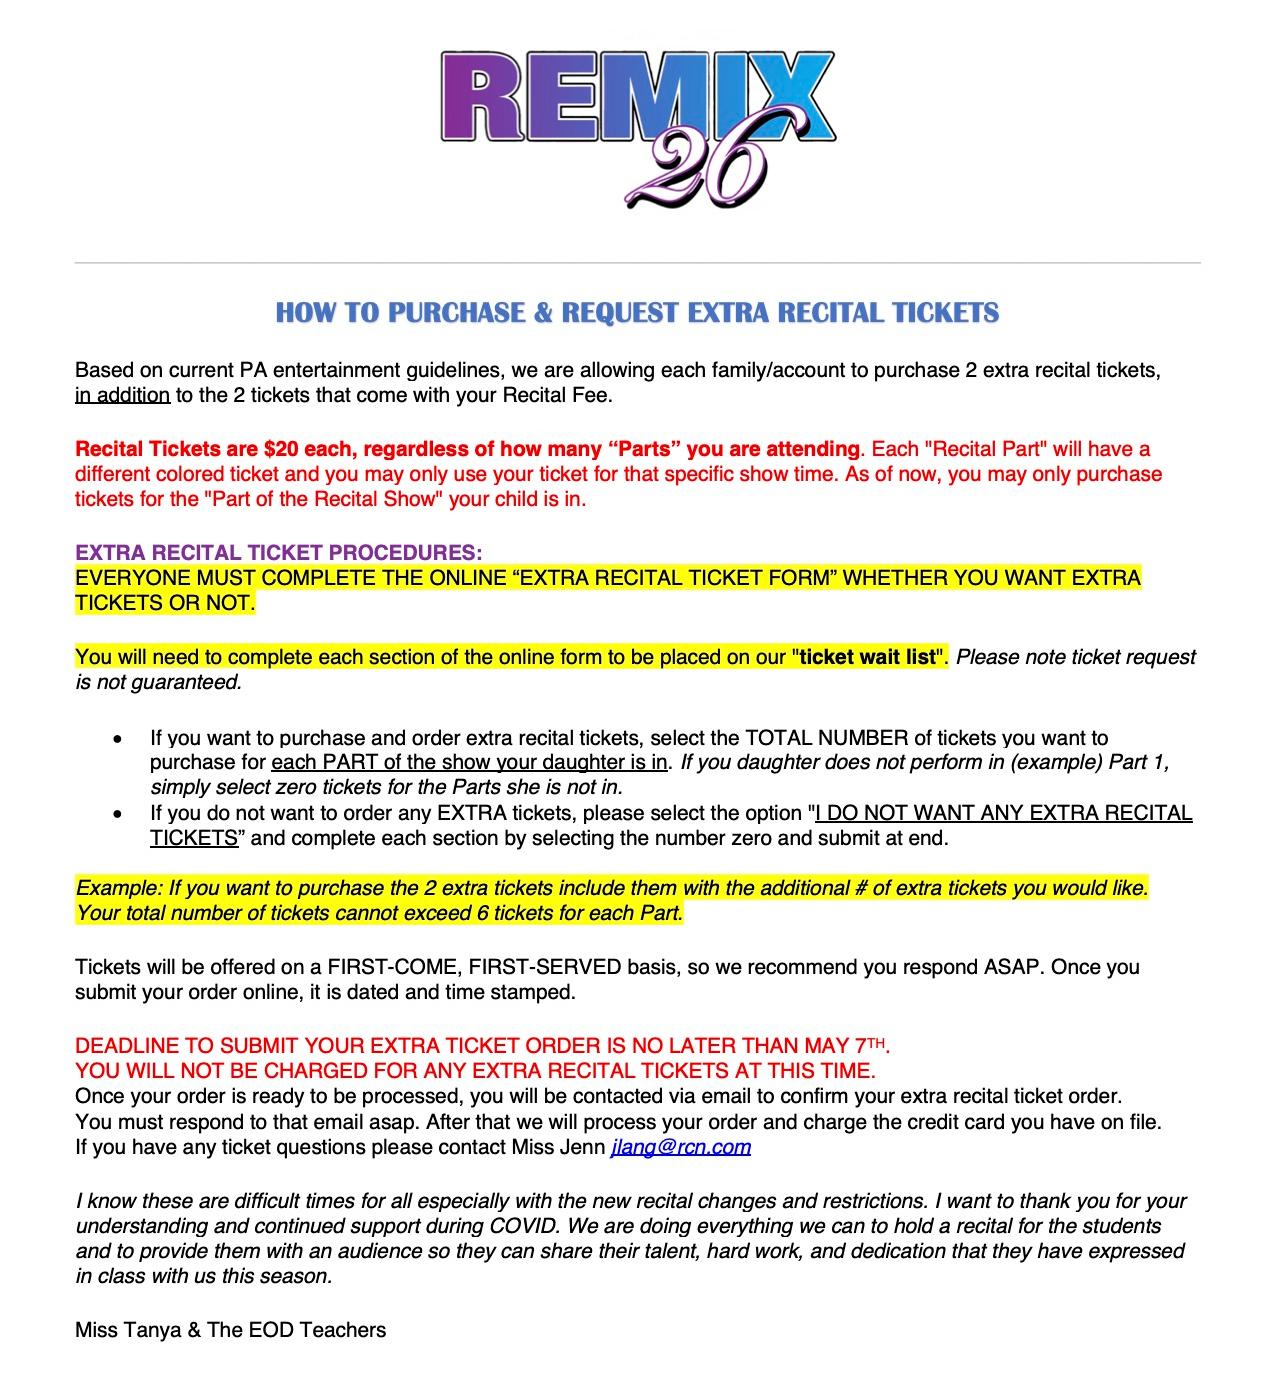 EXTRA RECITAL TICKET PROCEDURES (2)